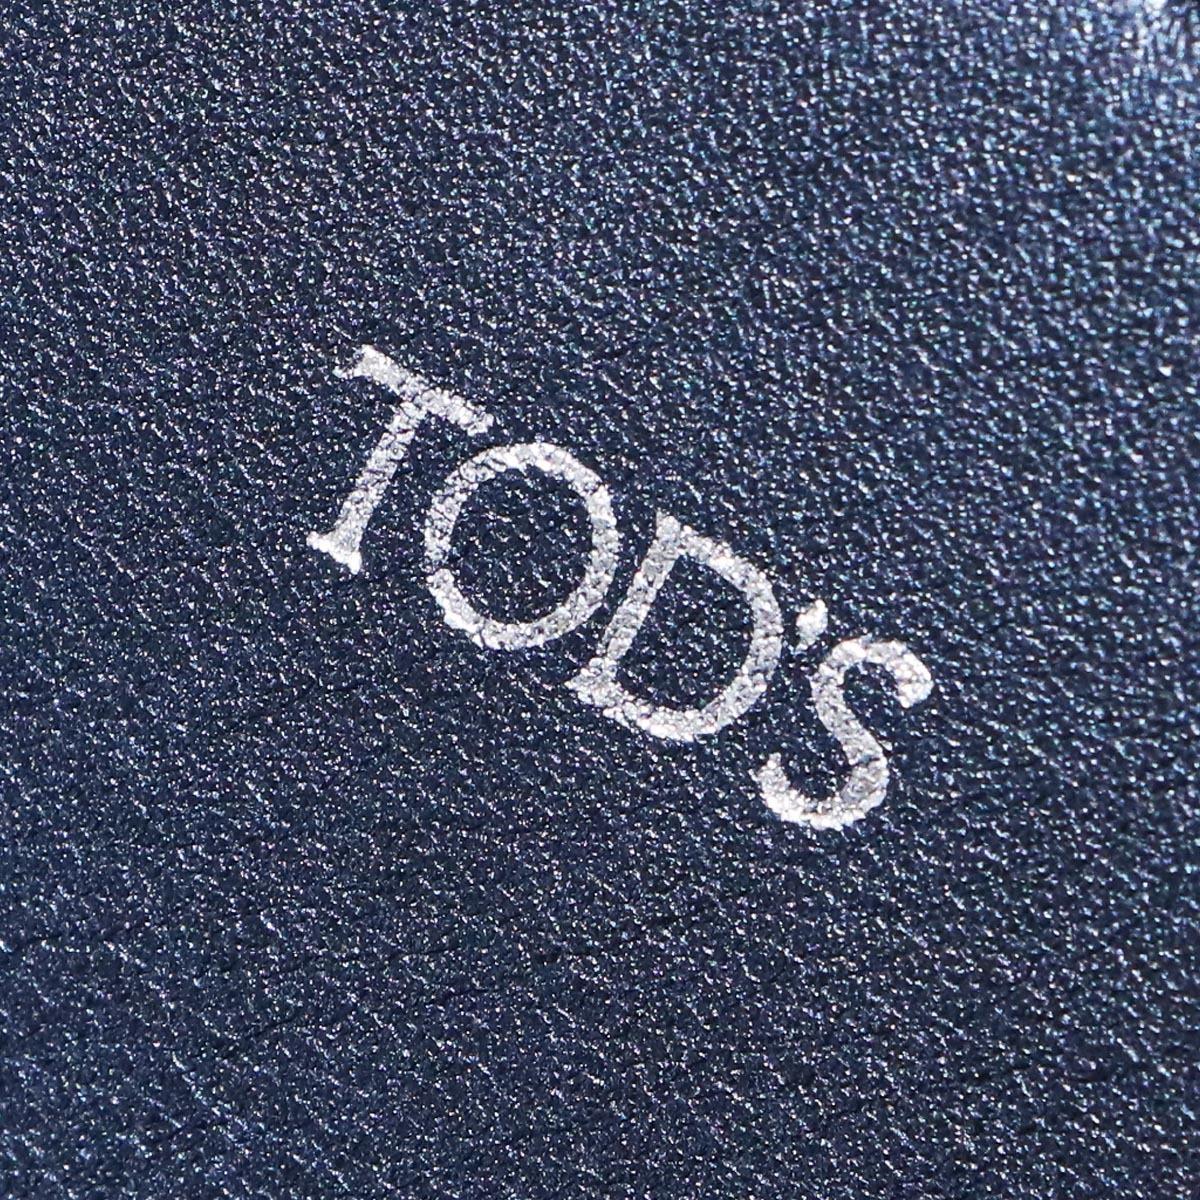 本物 新品同 トッズ 絶盤 メンズランウェイ限定 ゴンミーニ 2WAYメンズビジネスバッグ ブラック A4書類ブリーフケース トートバッグ TODS_画像6